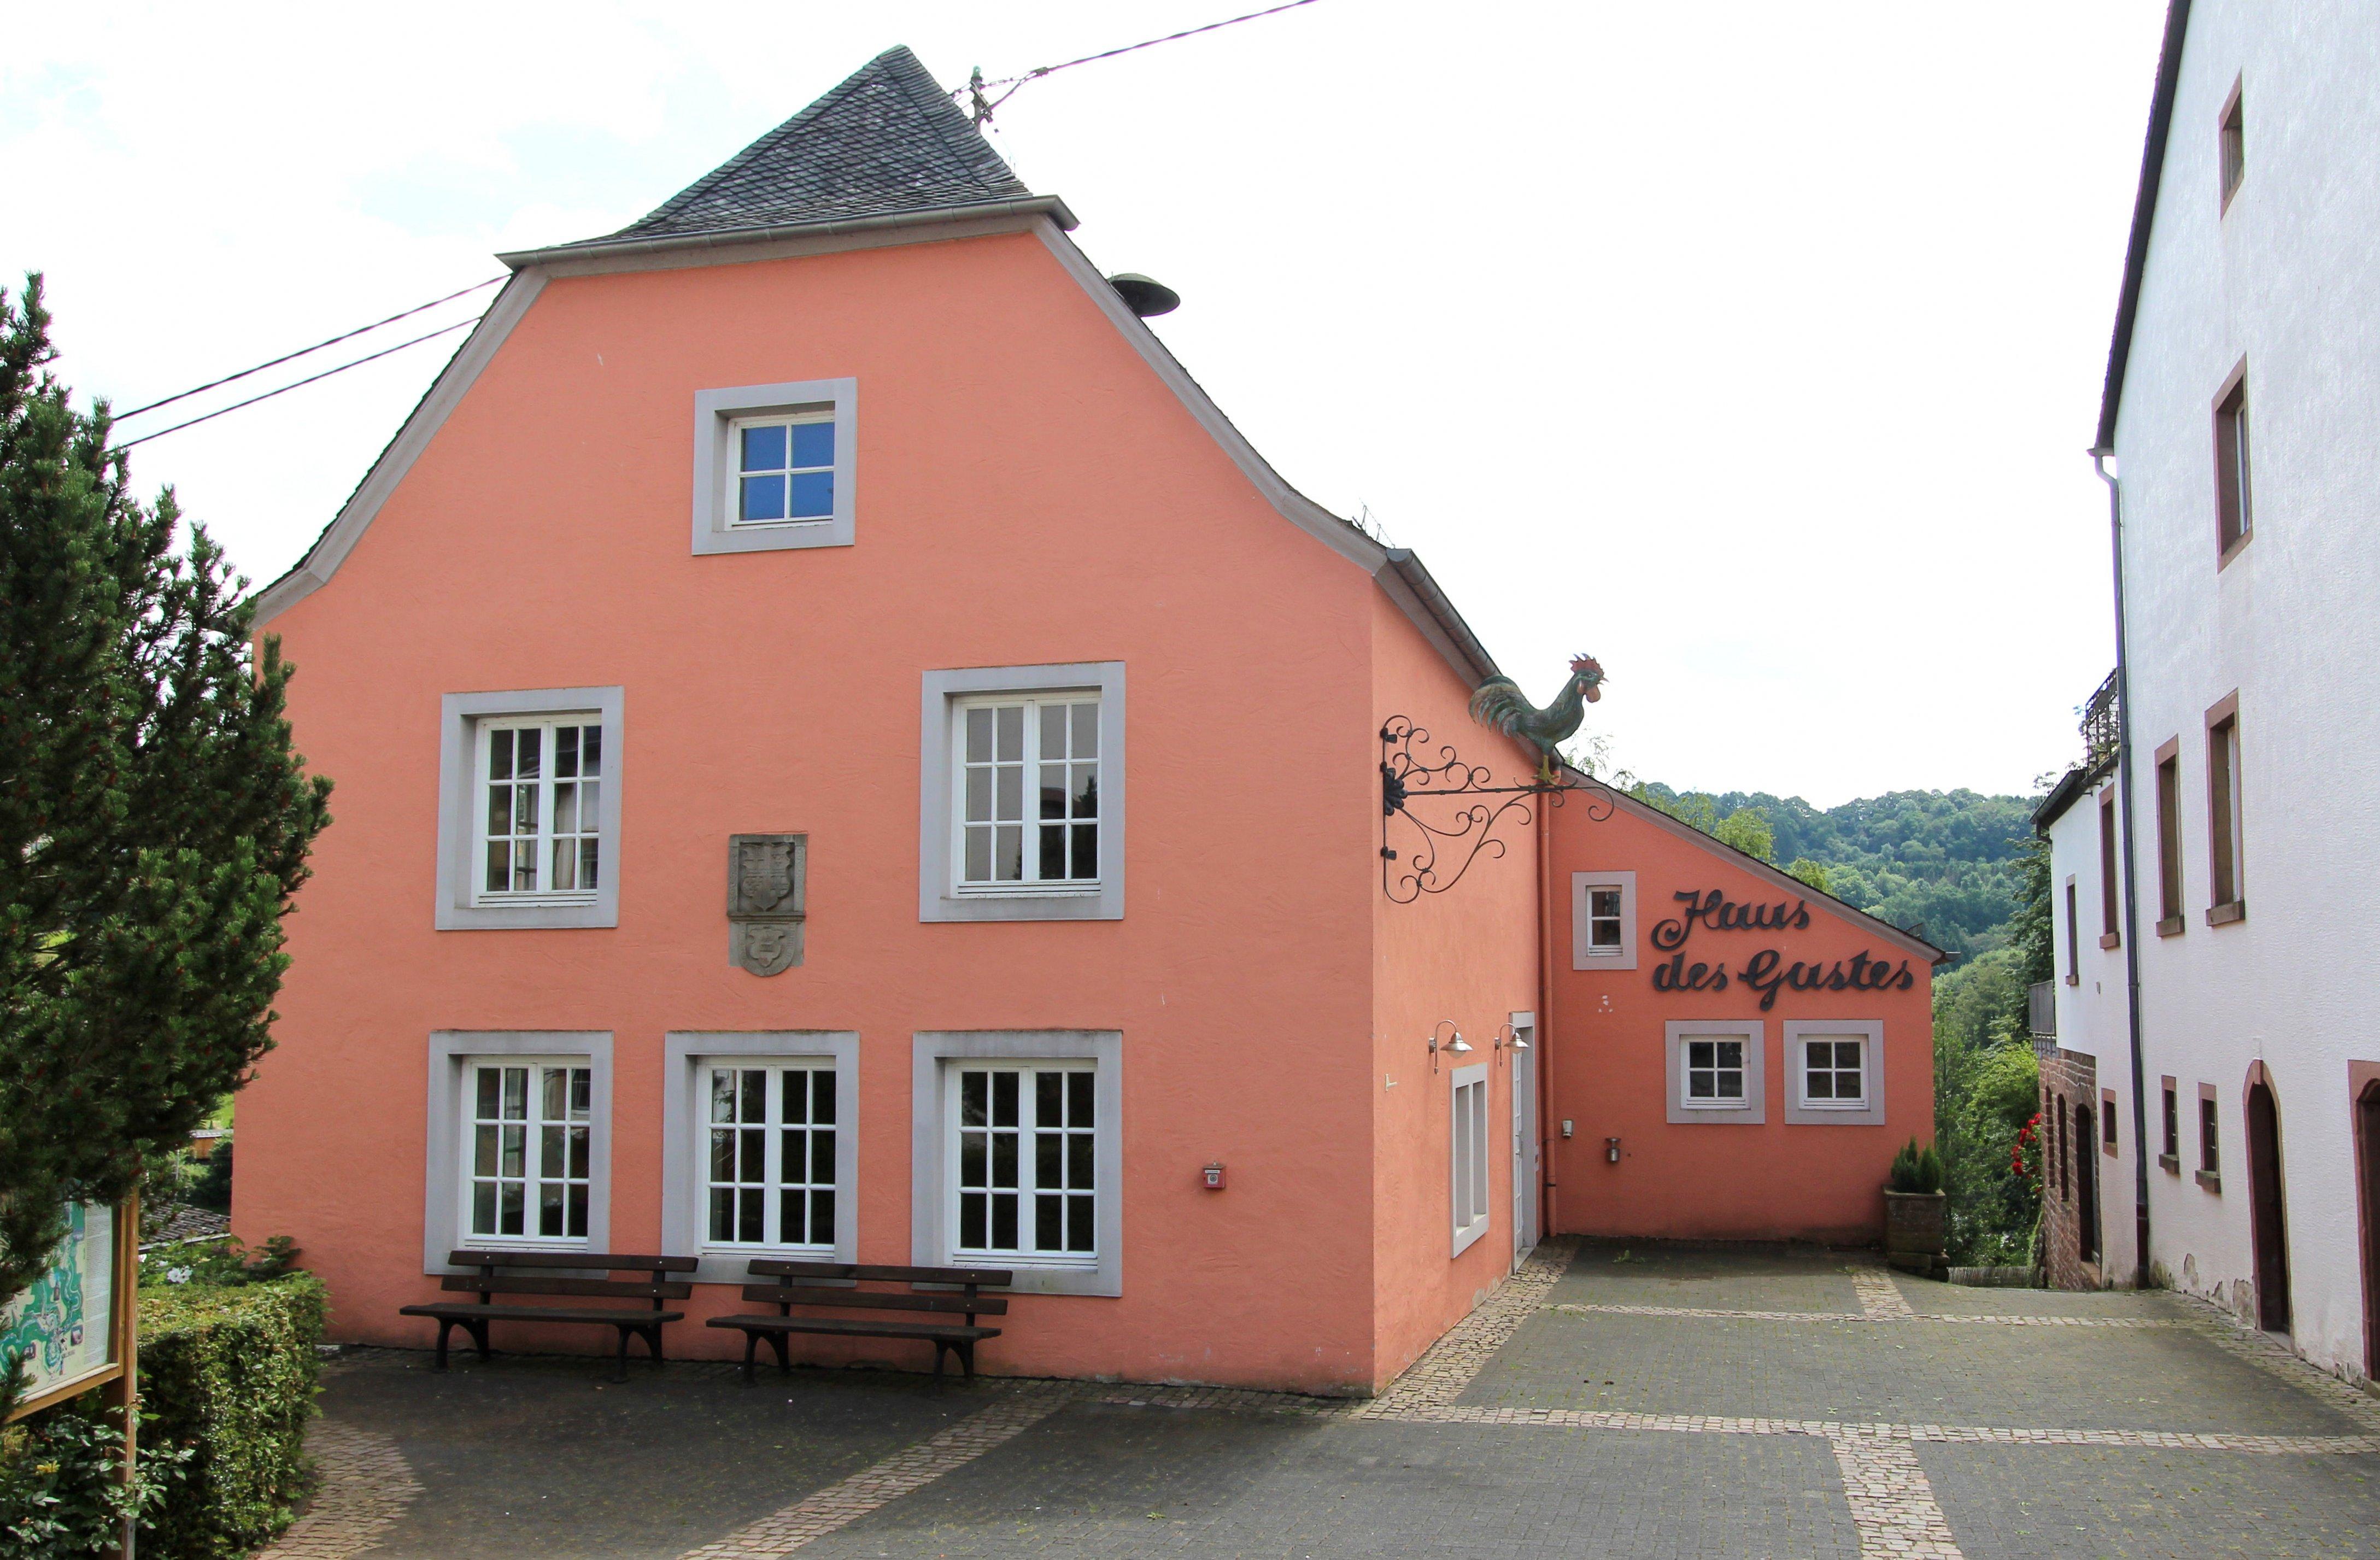 File Kyllburg Eifel Haus des Gastes a Wikimedia